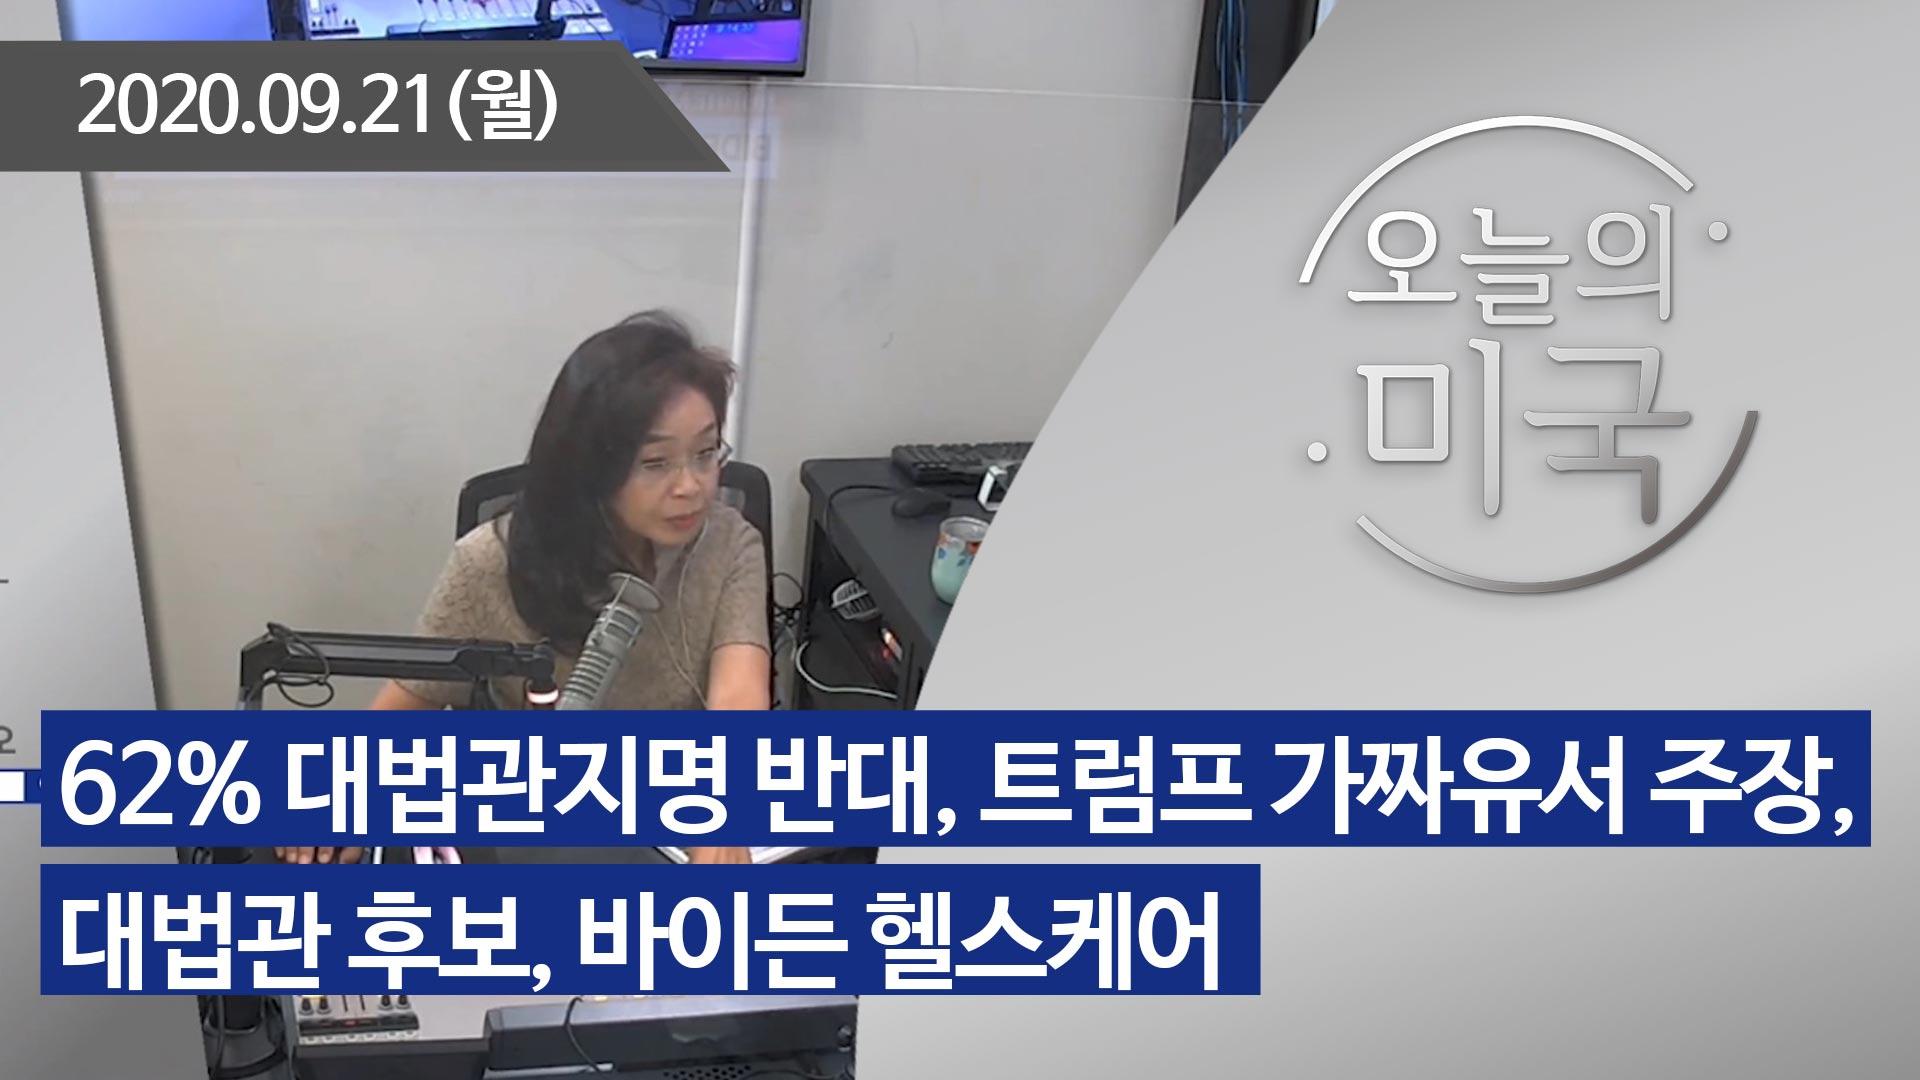 강혜신의 오늘의 미국 (09.21.2020)